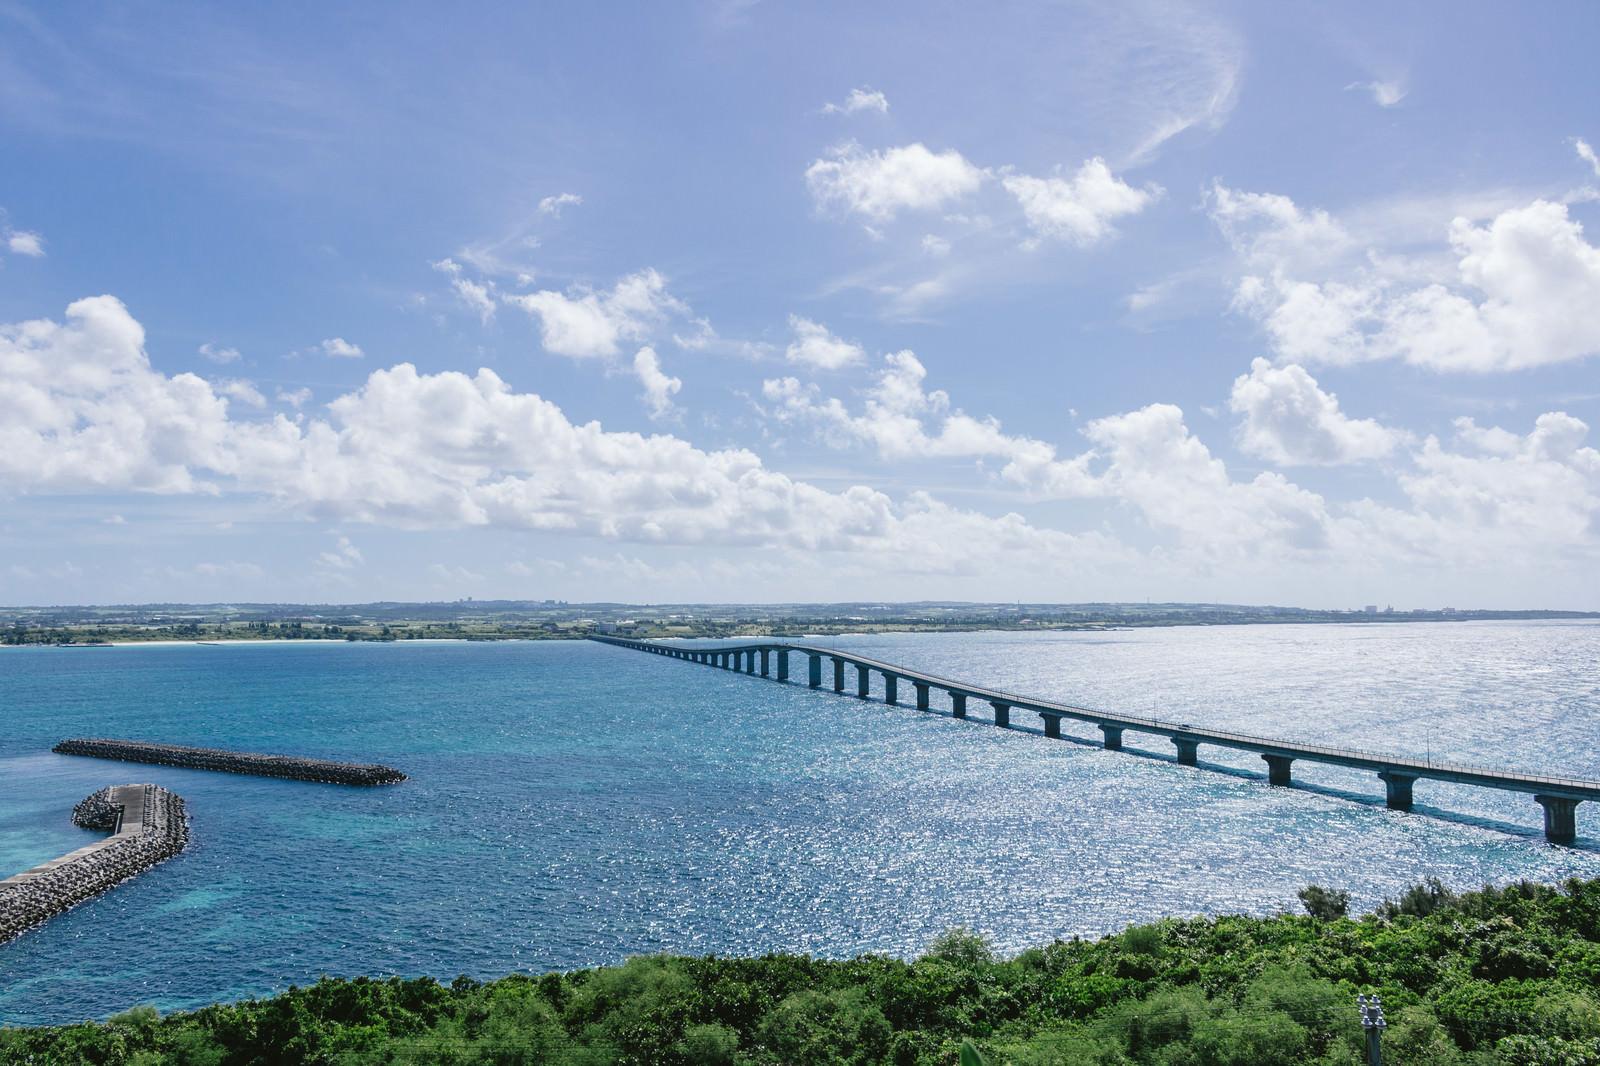 「沖縄の観光スポット「来間大橋」沖縄の観光スポット「来間大橋」」のフリー写真素材を拡大